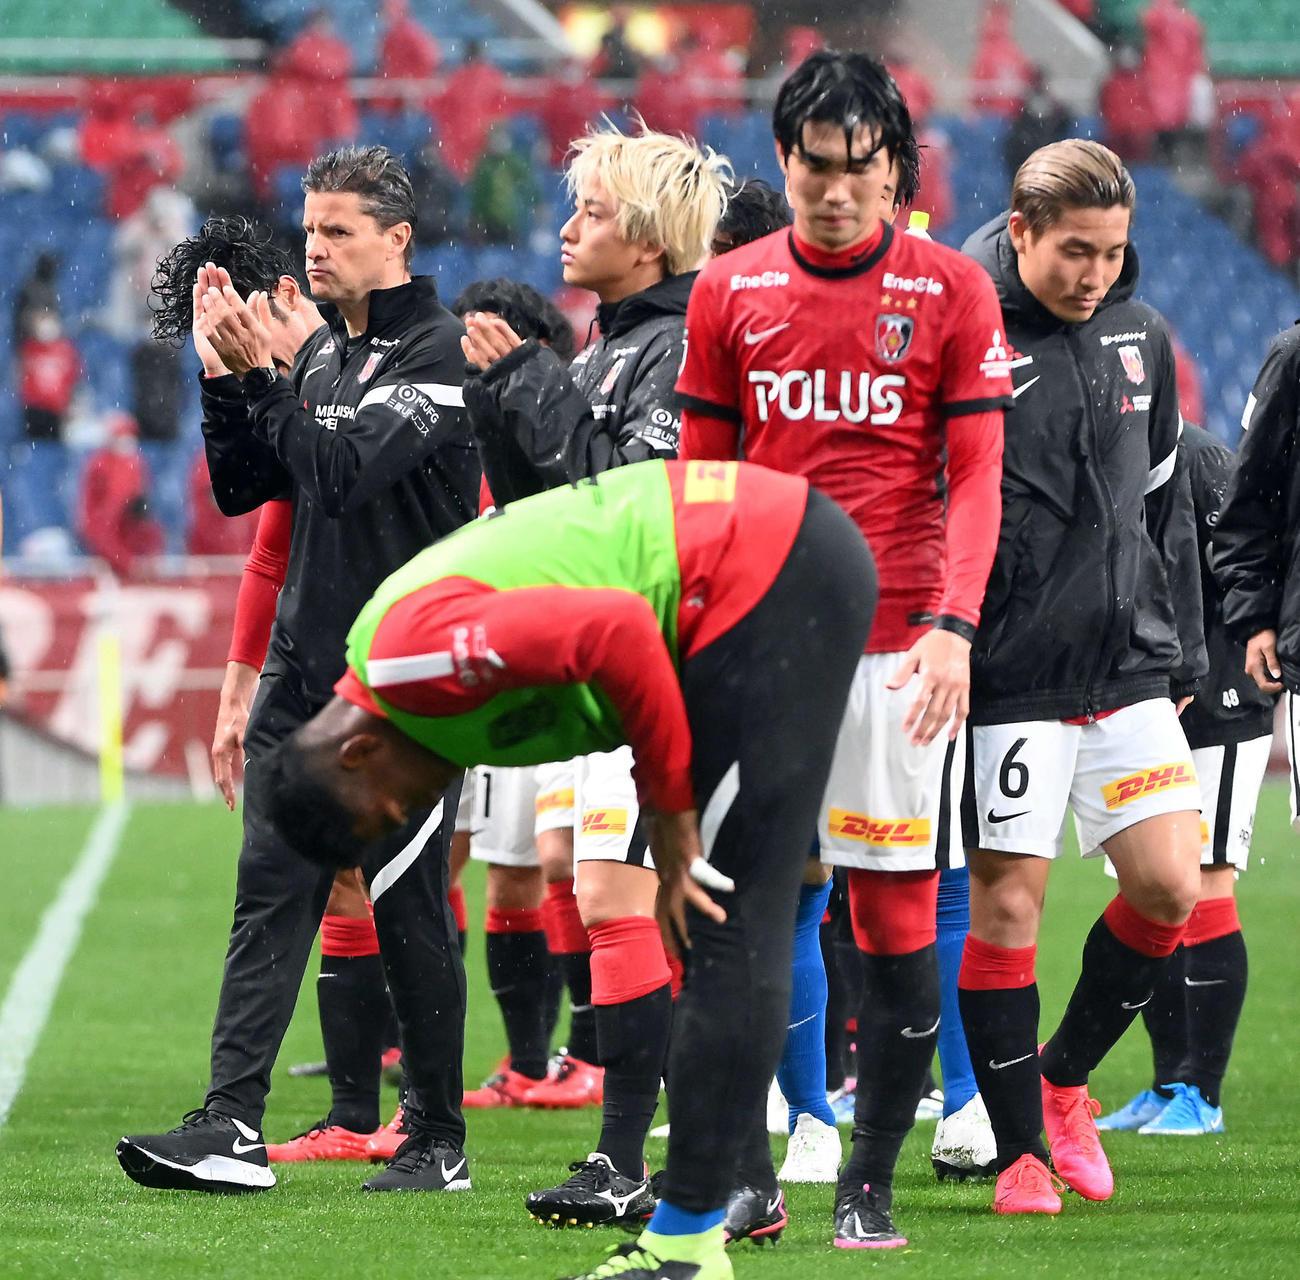 浦和対川崎F 川崎Fに5-0で大敗し、場内1周する浦和ロドリゲス監督(撮影・たえ見朱実)